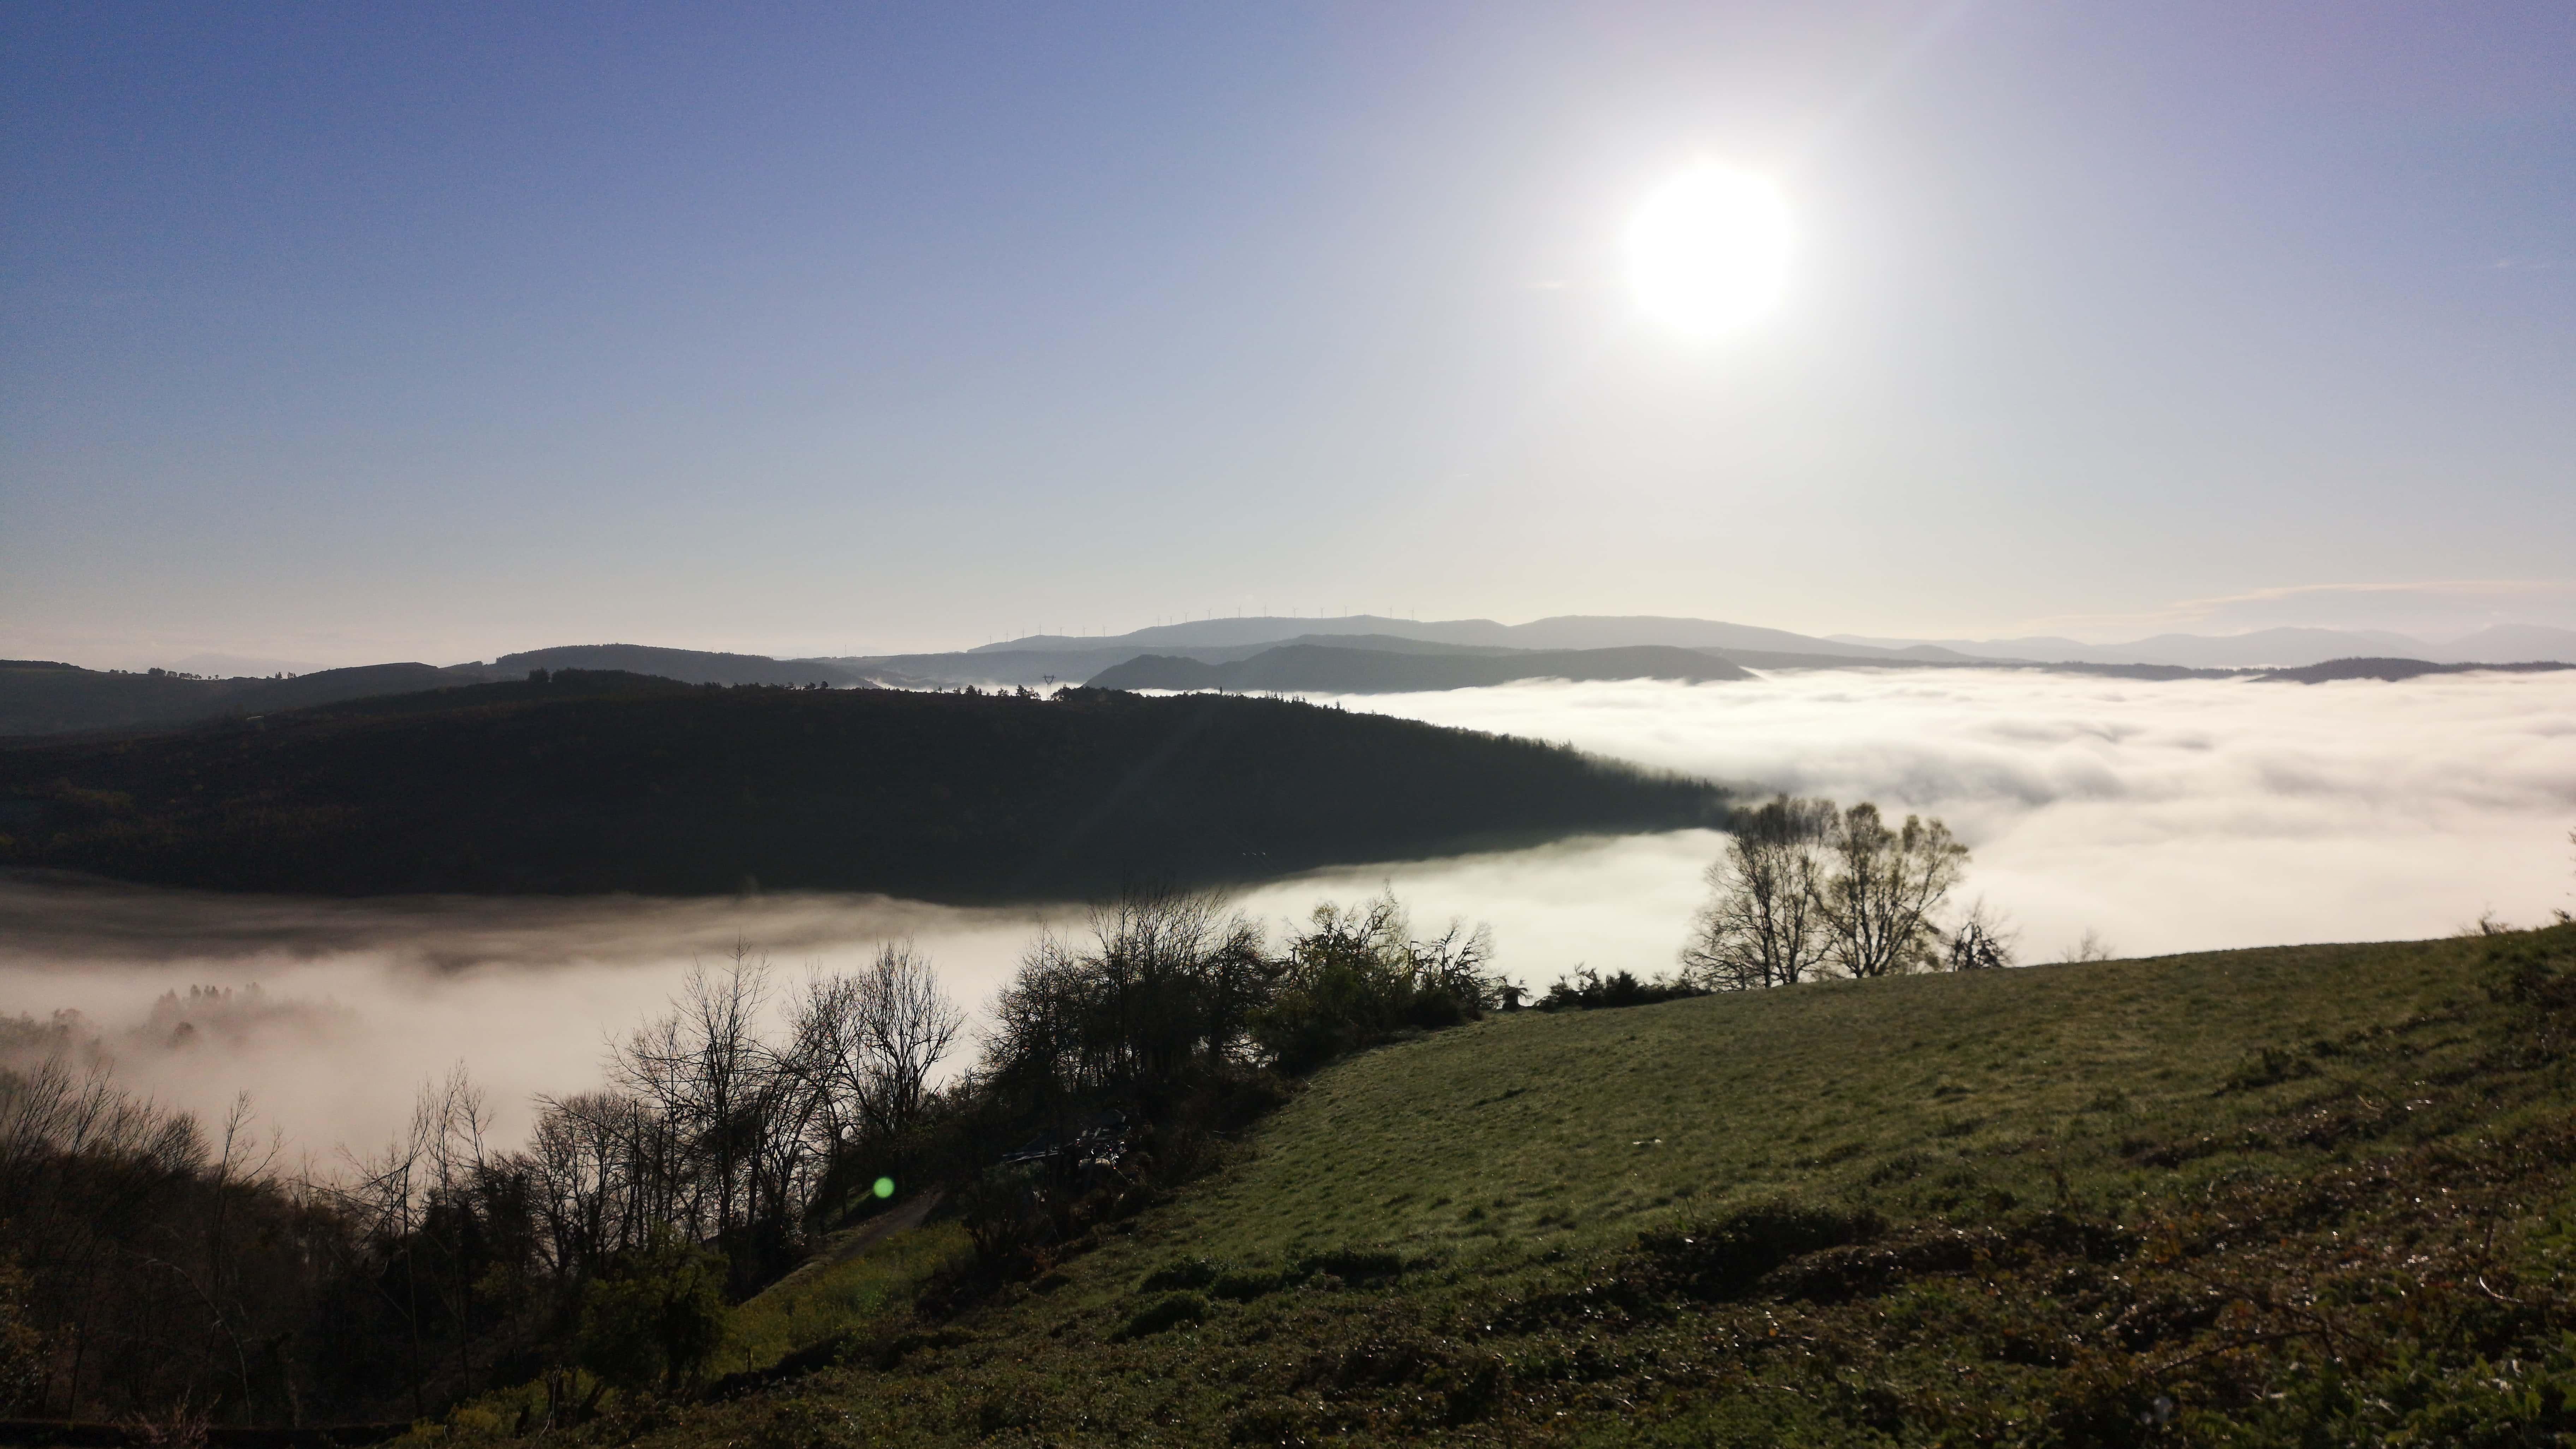 Unser Tag beginnt mit einem unbeschreiblichen Ausblick auf ein Tal voller Wolken und einem blauen Himmel über uns.